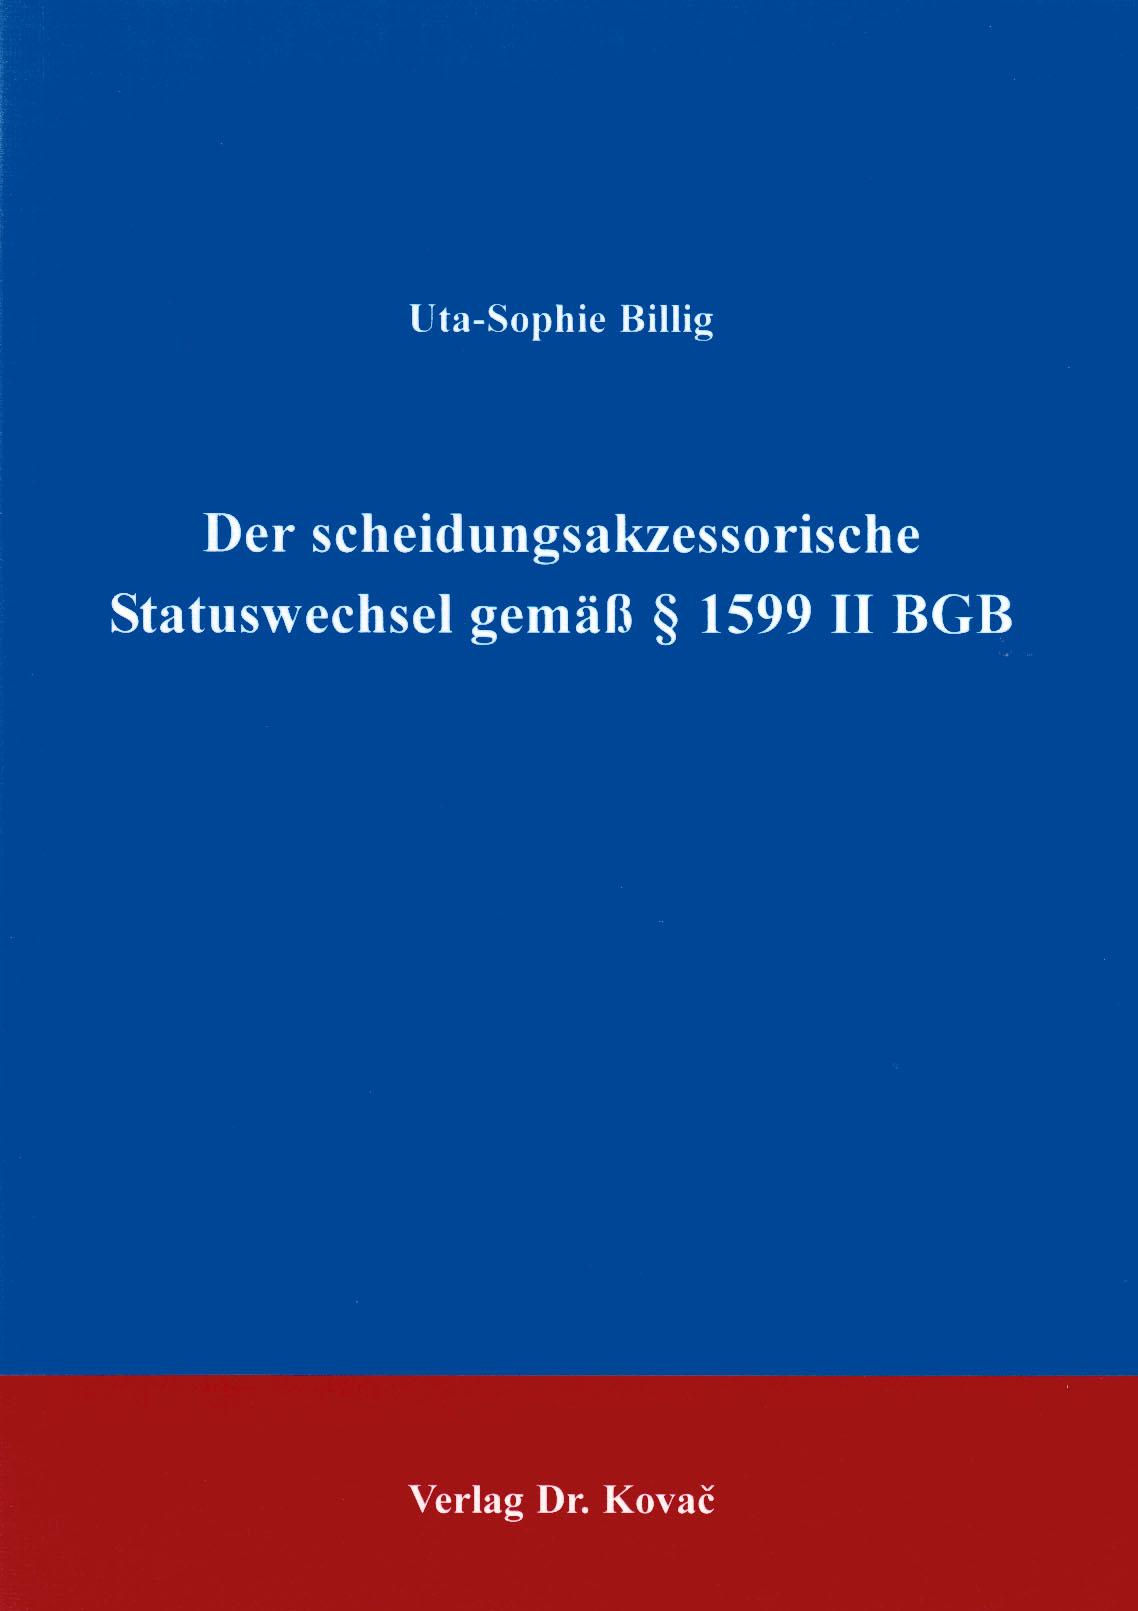 Cover: Der scheidungsakzessorische Statuswechsel gemäß §1599 II BGB